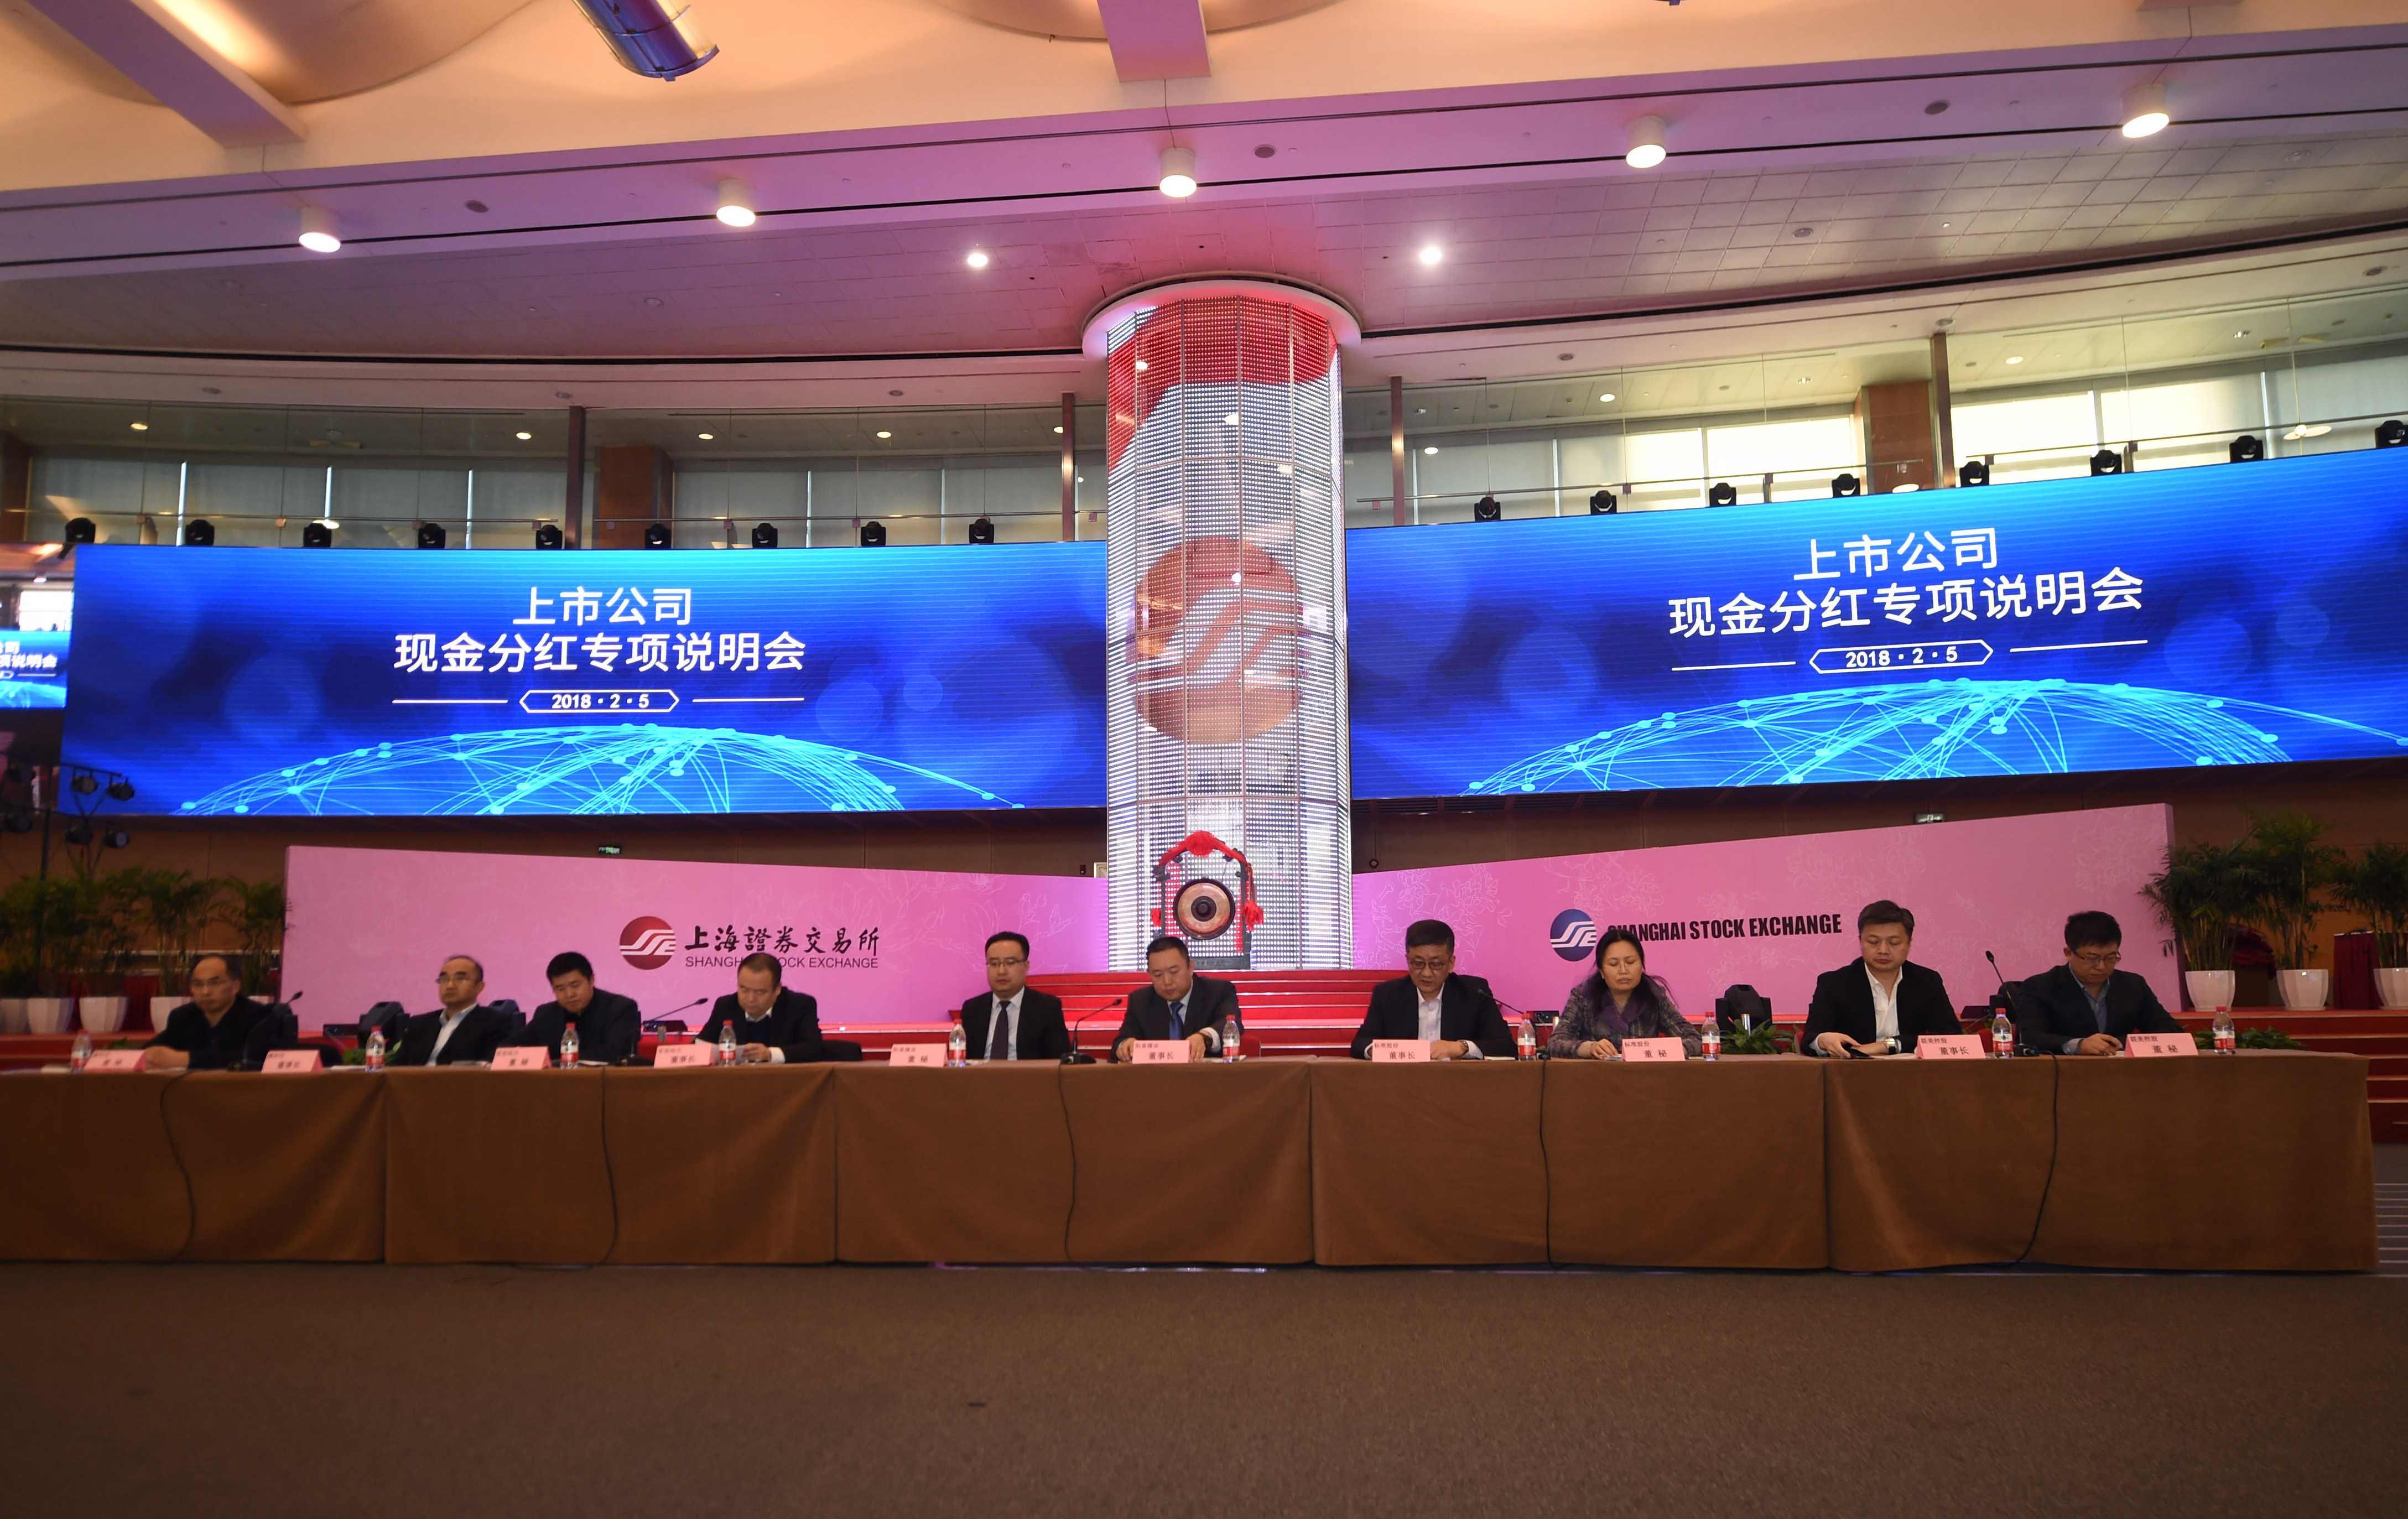 新华直播:上市公司现金分红专项说明会